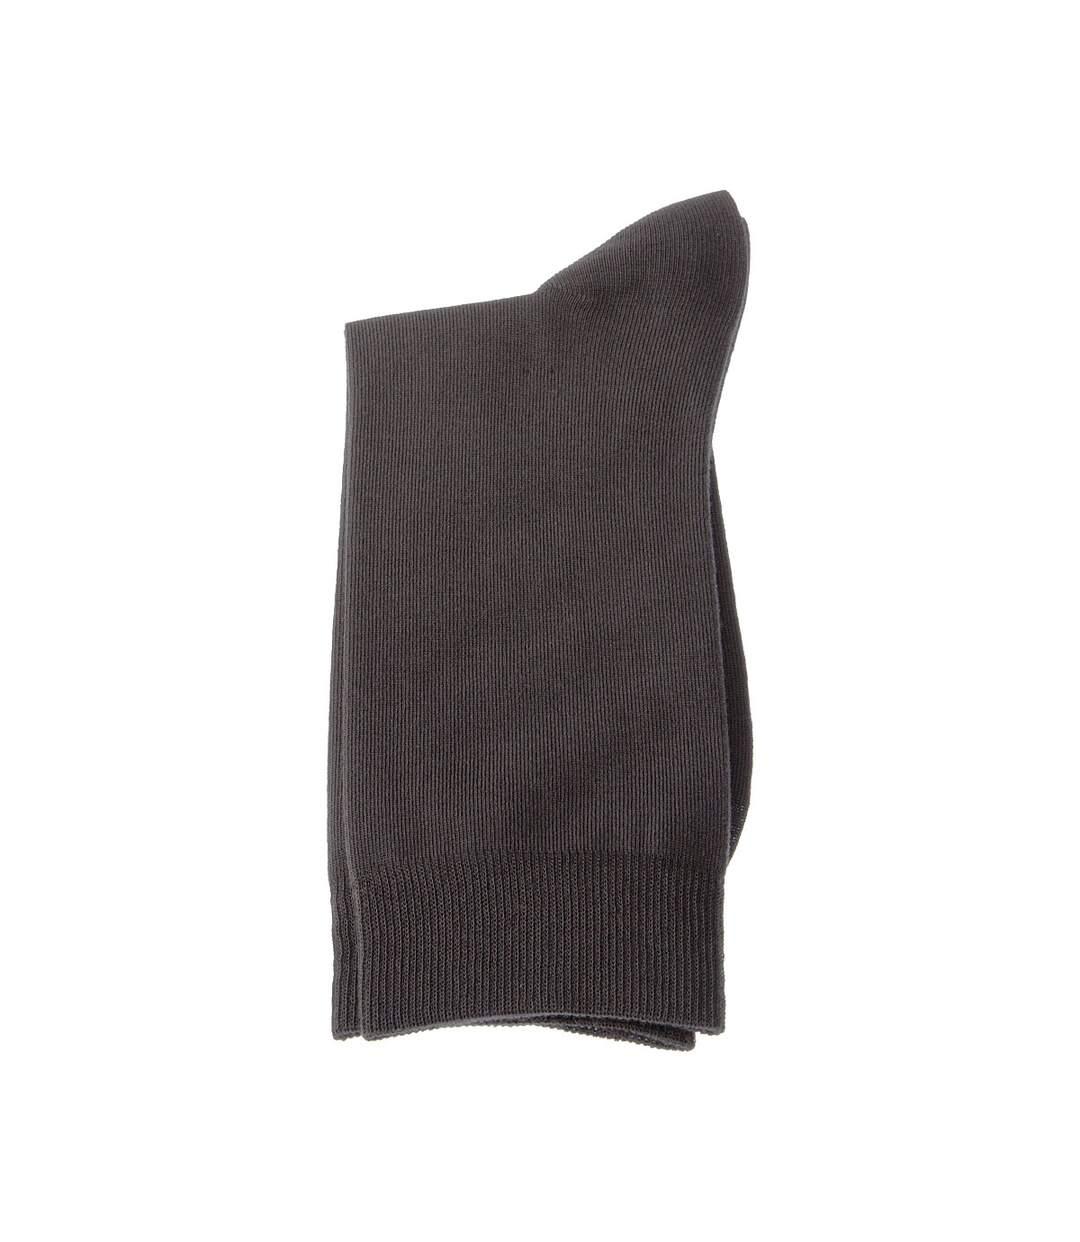 Dégagement Chaussette Niveau mollet 1 paire Coutures plates Sans bouclette Fine Coton Gris foncé dsf.d455nksdKLFHG